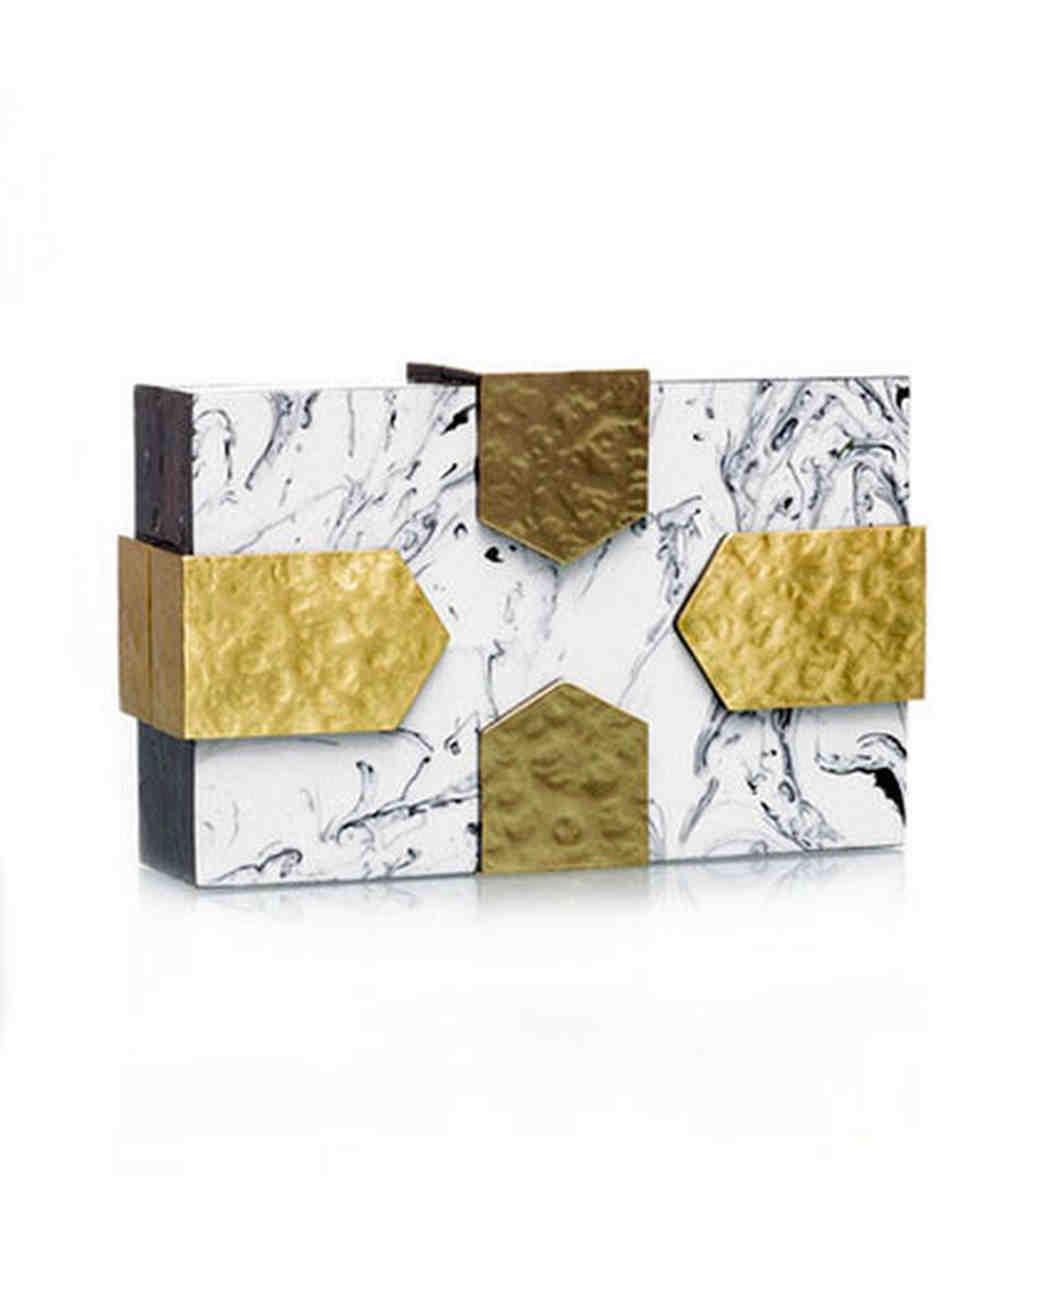 wedding-clutches-emm-kuo-marble-brass-0316.jpg